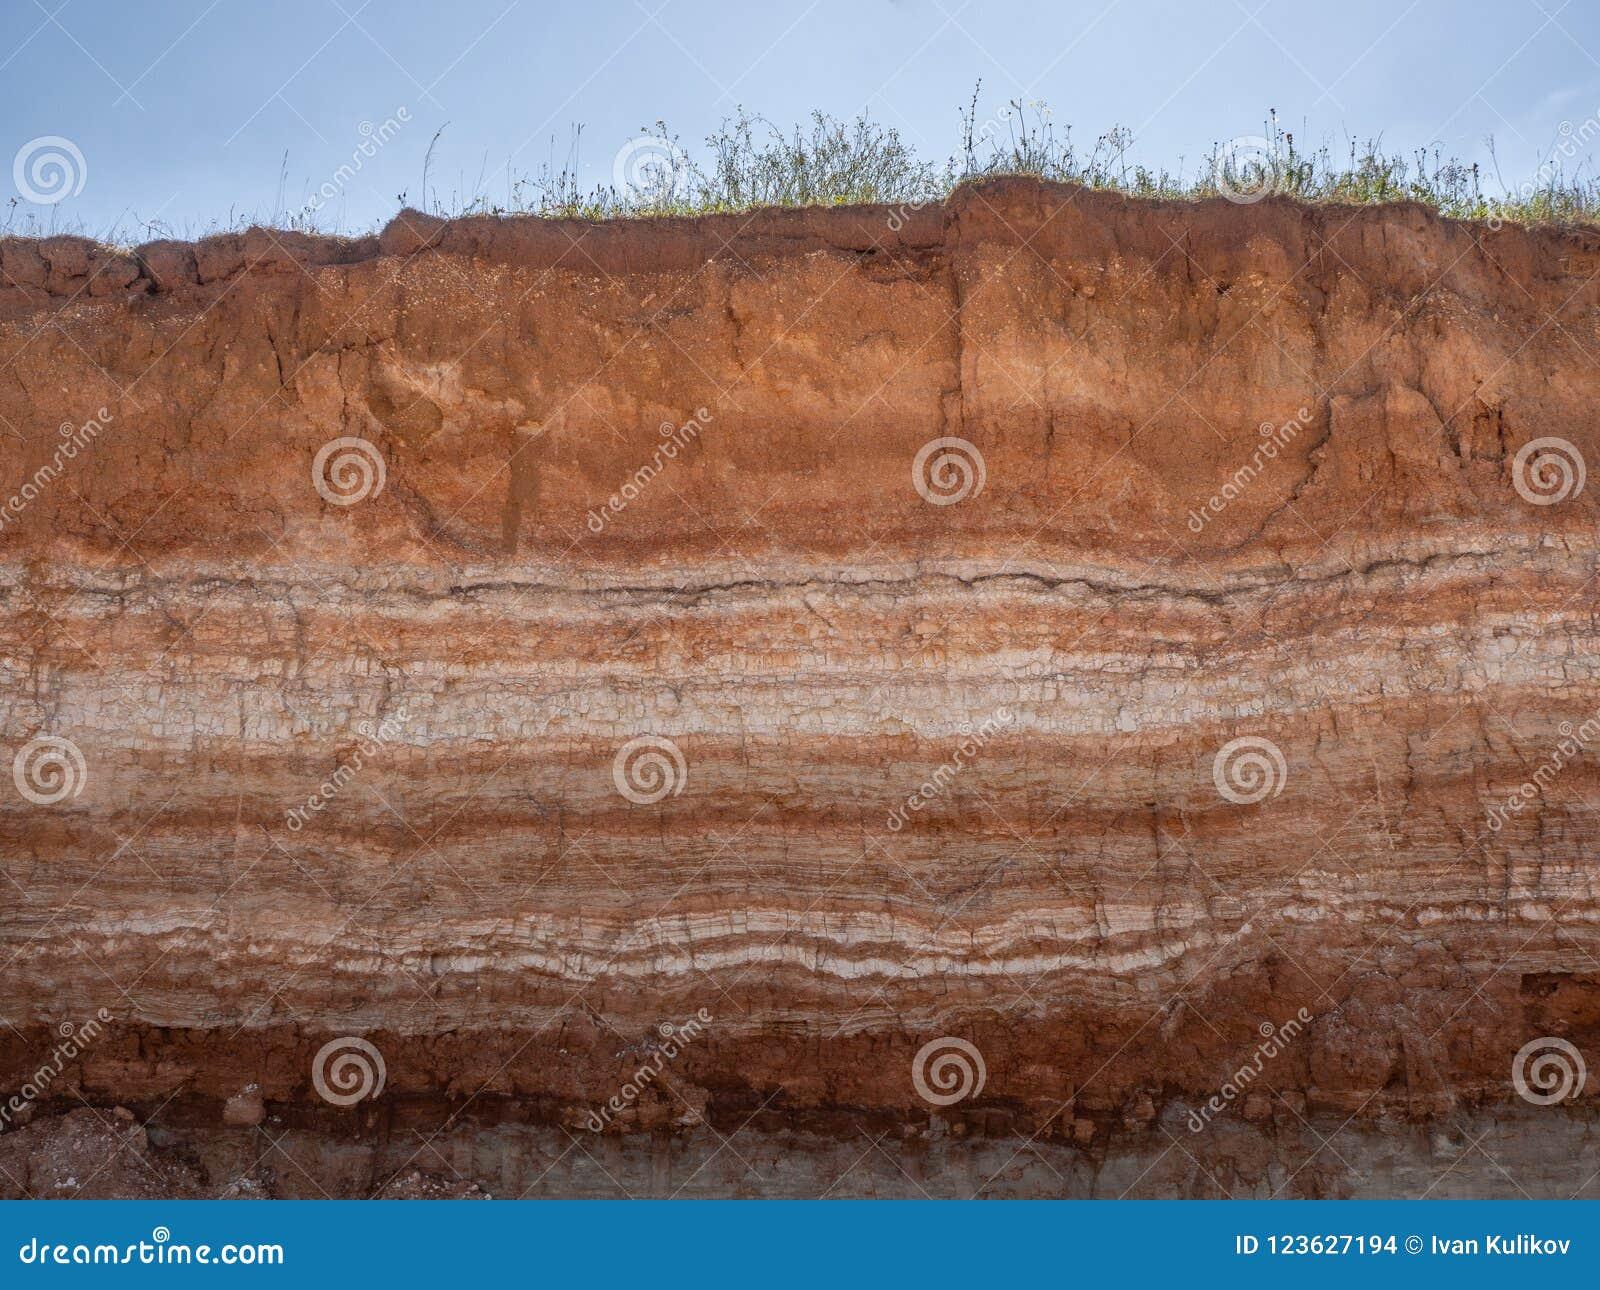 Natuurlijke besnoeiing van grond